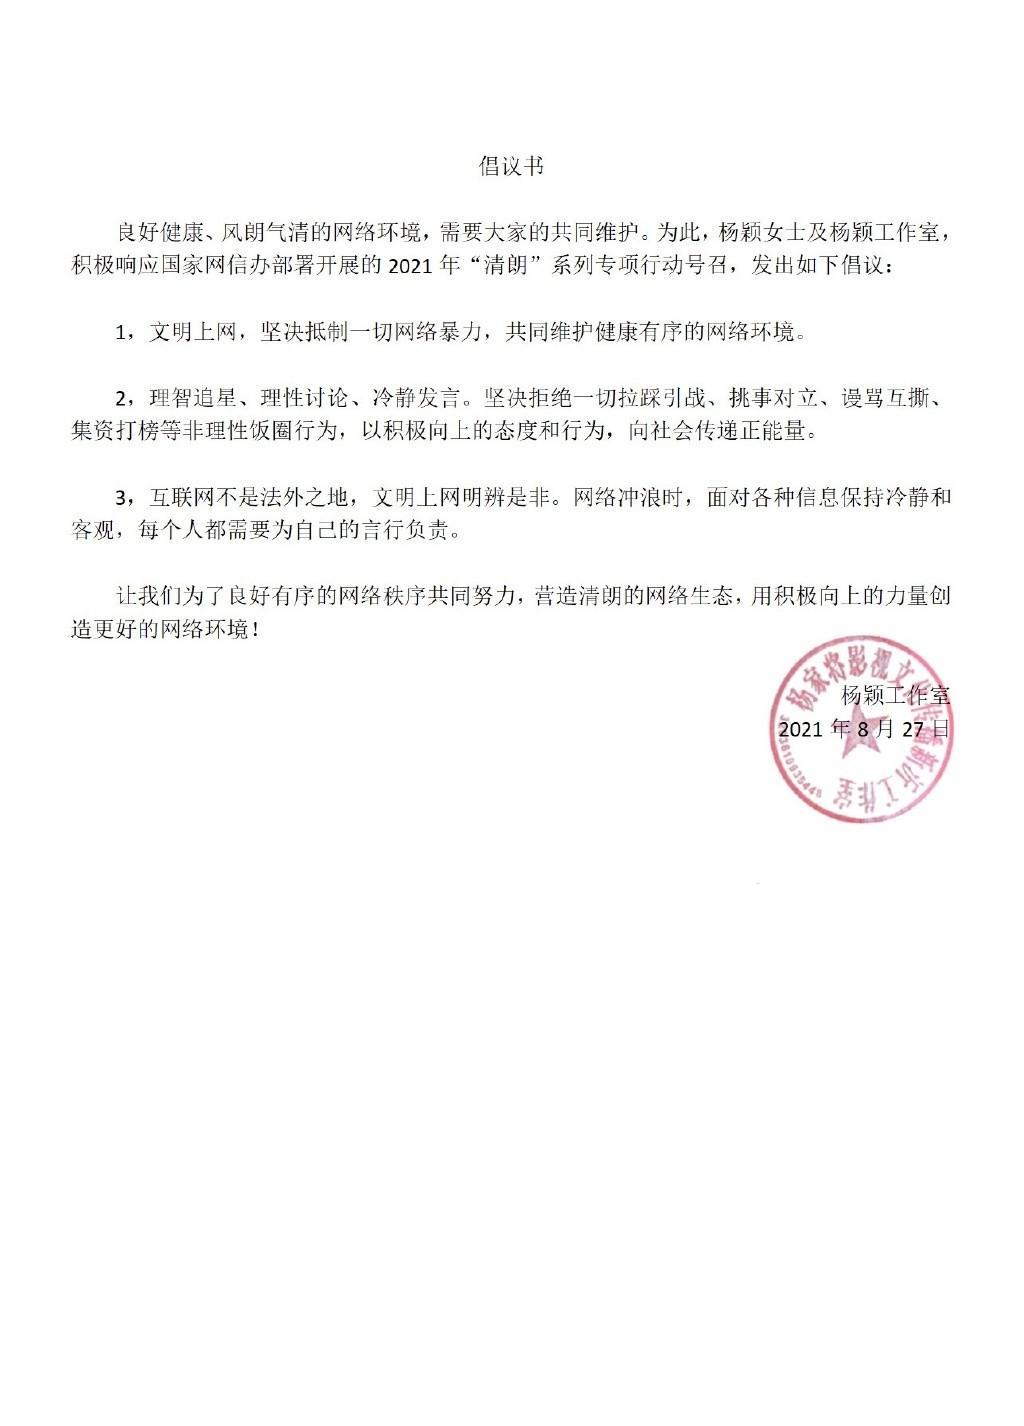 肖战杨紫等多家明星工作室发布理智追星倡议书_图1-3